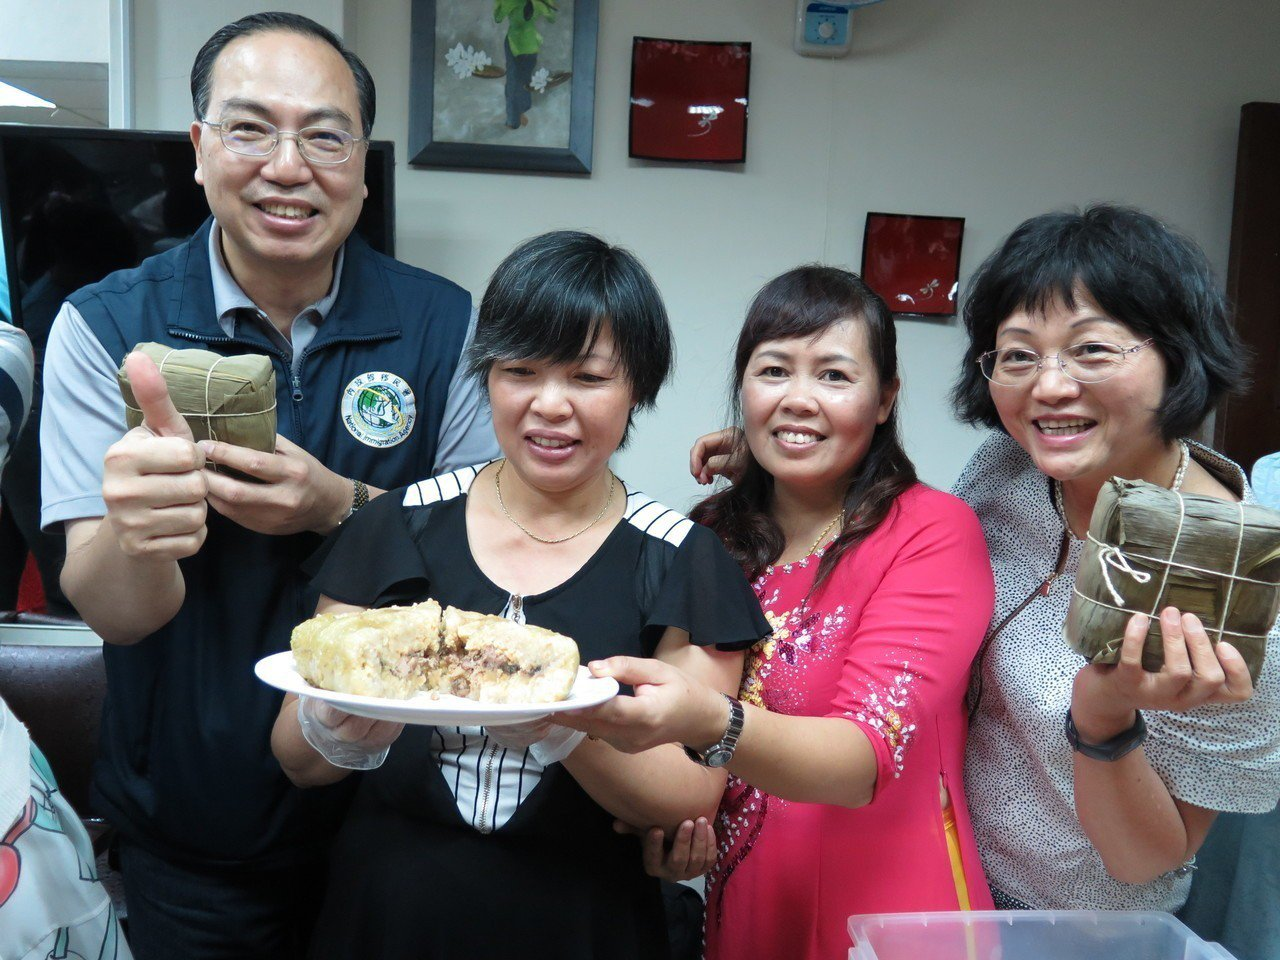 北越的粽子為方形且「塊頭很大」,一個人吃根本吃不完。記者張裕珍/攝影